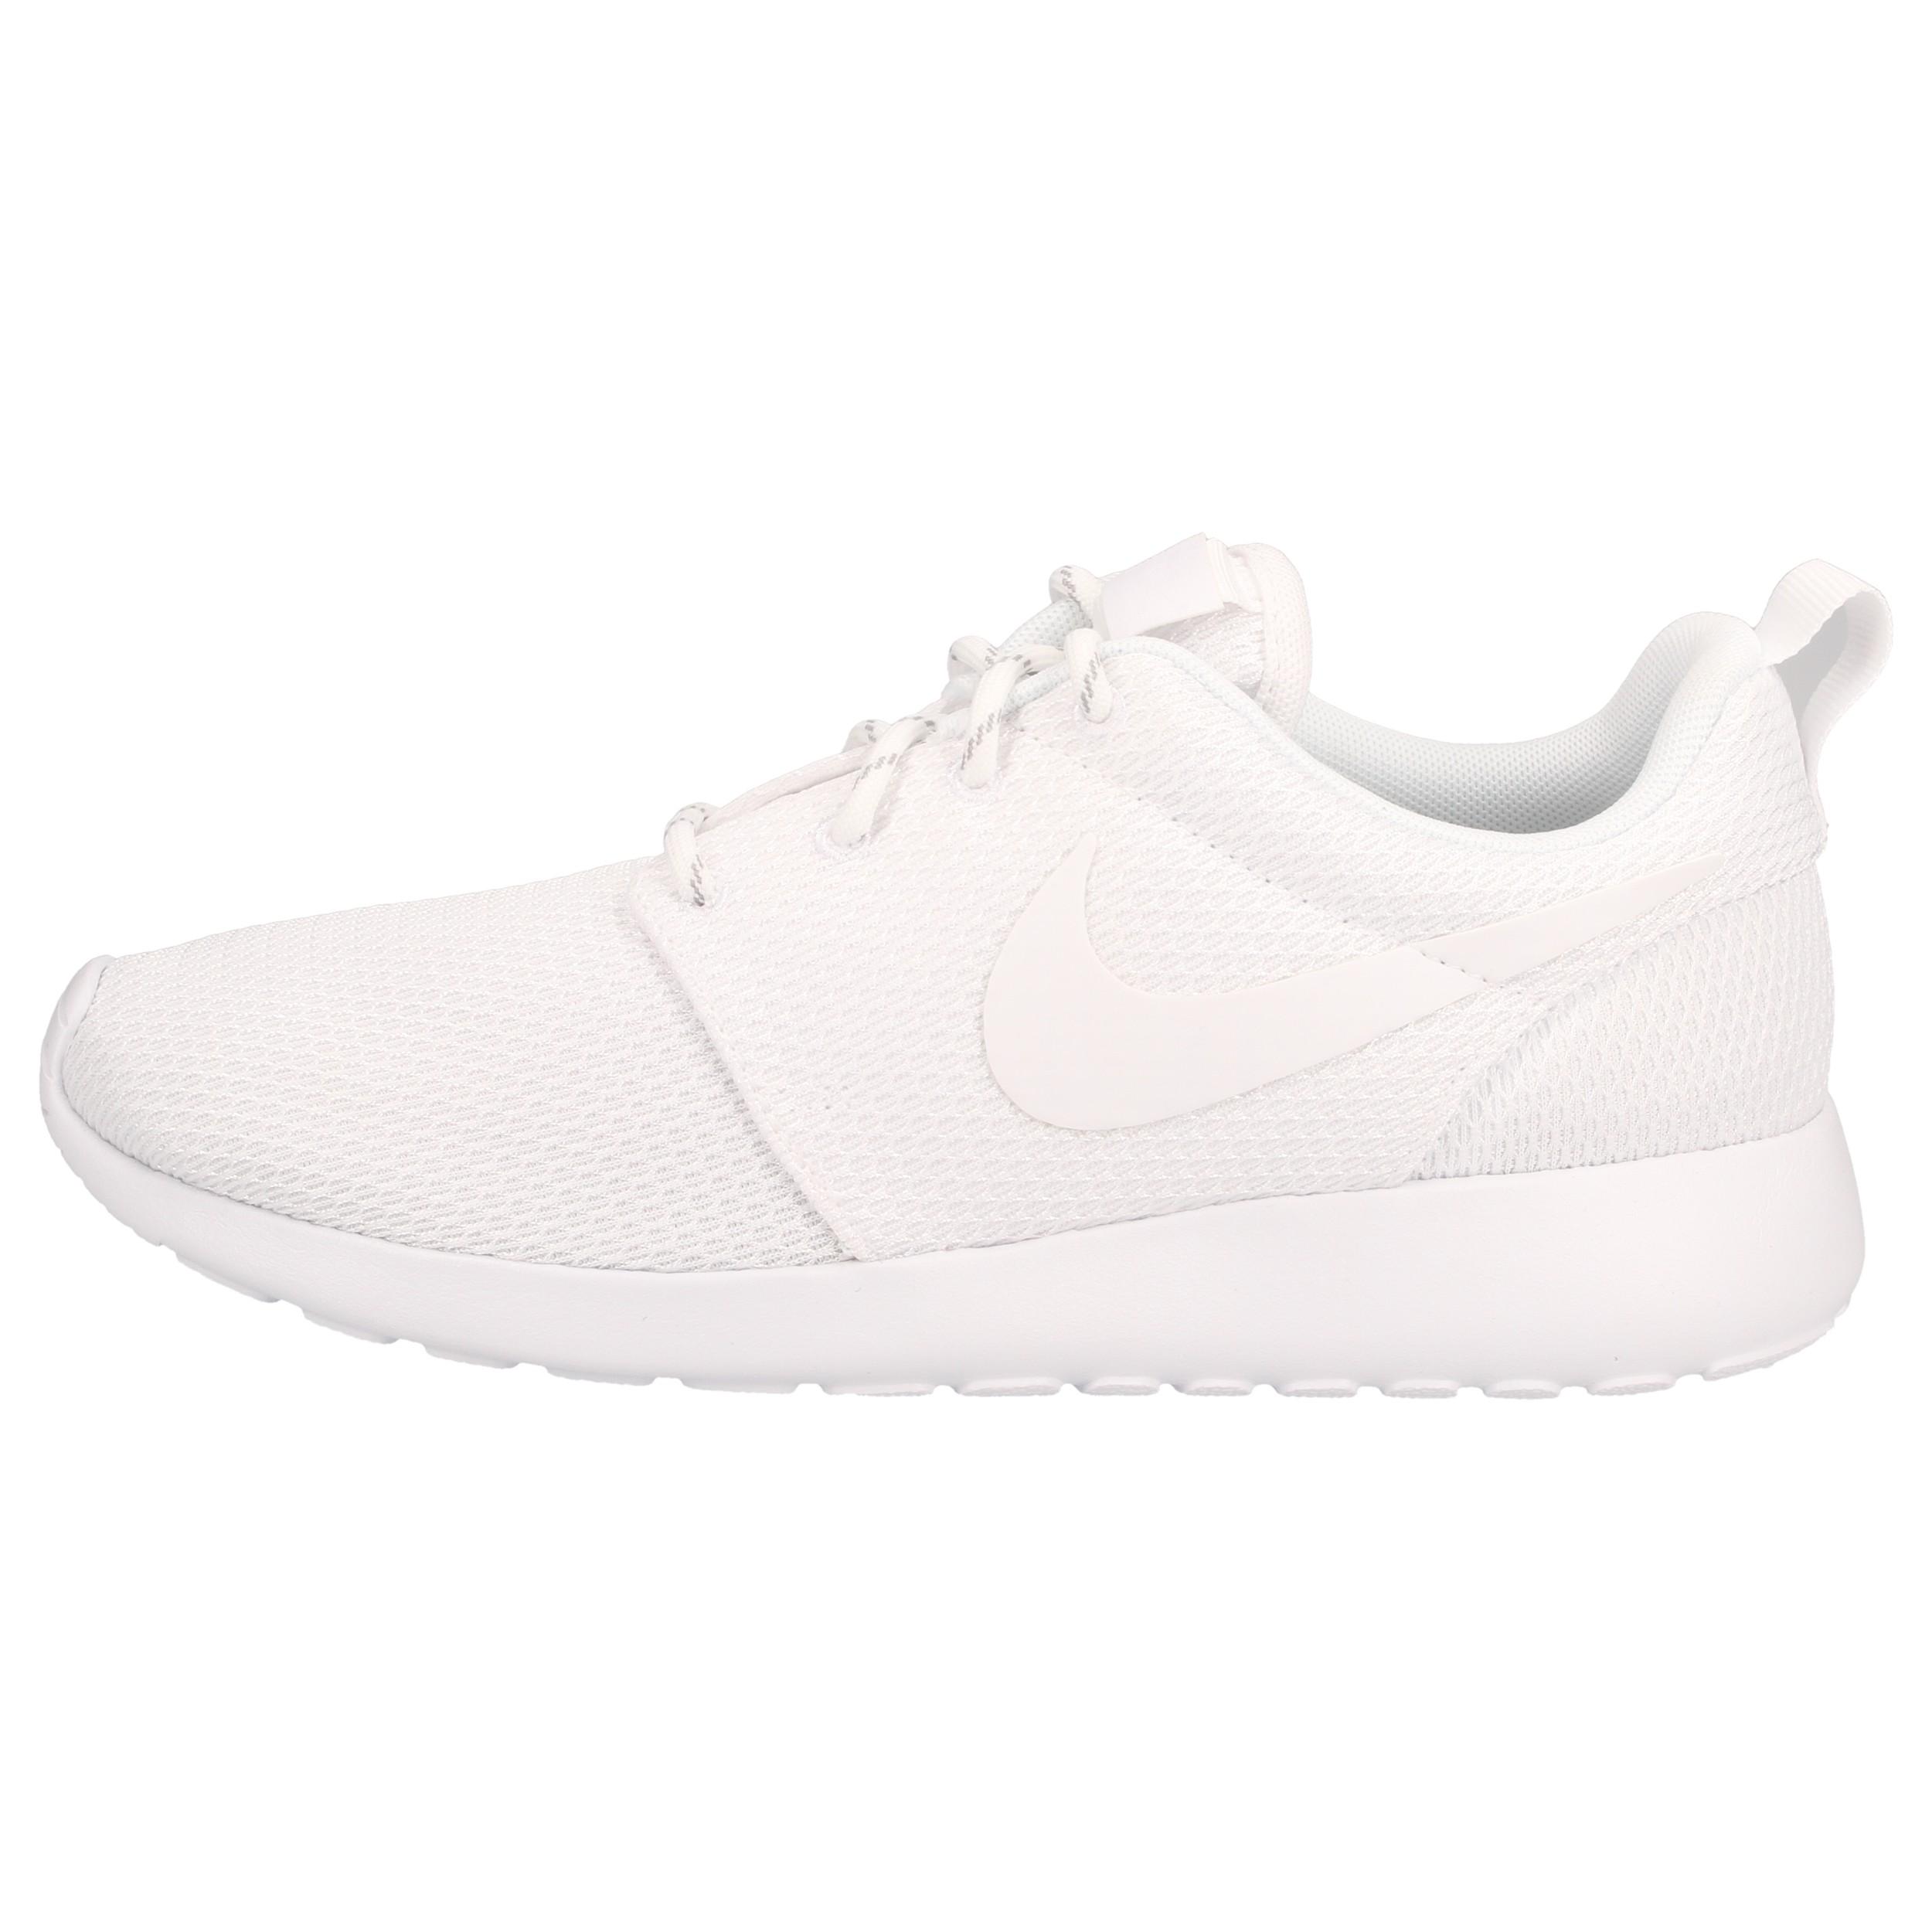 R 37 Run Roshe One 5 Buty 511882111 Białe Nike 7415617434